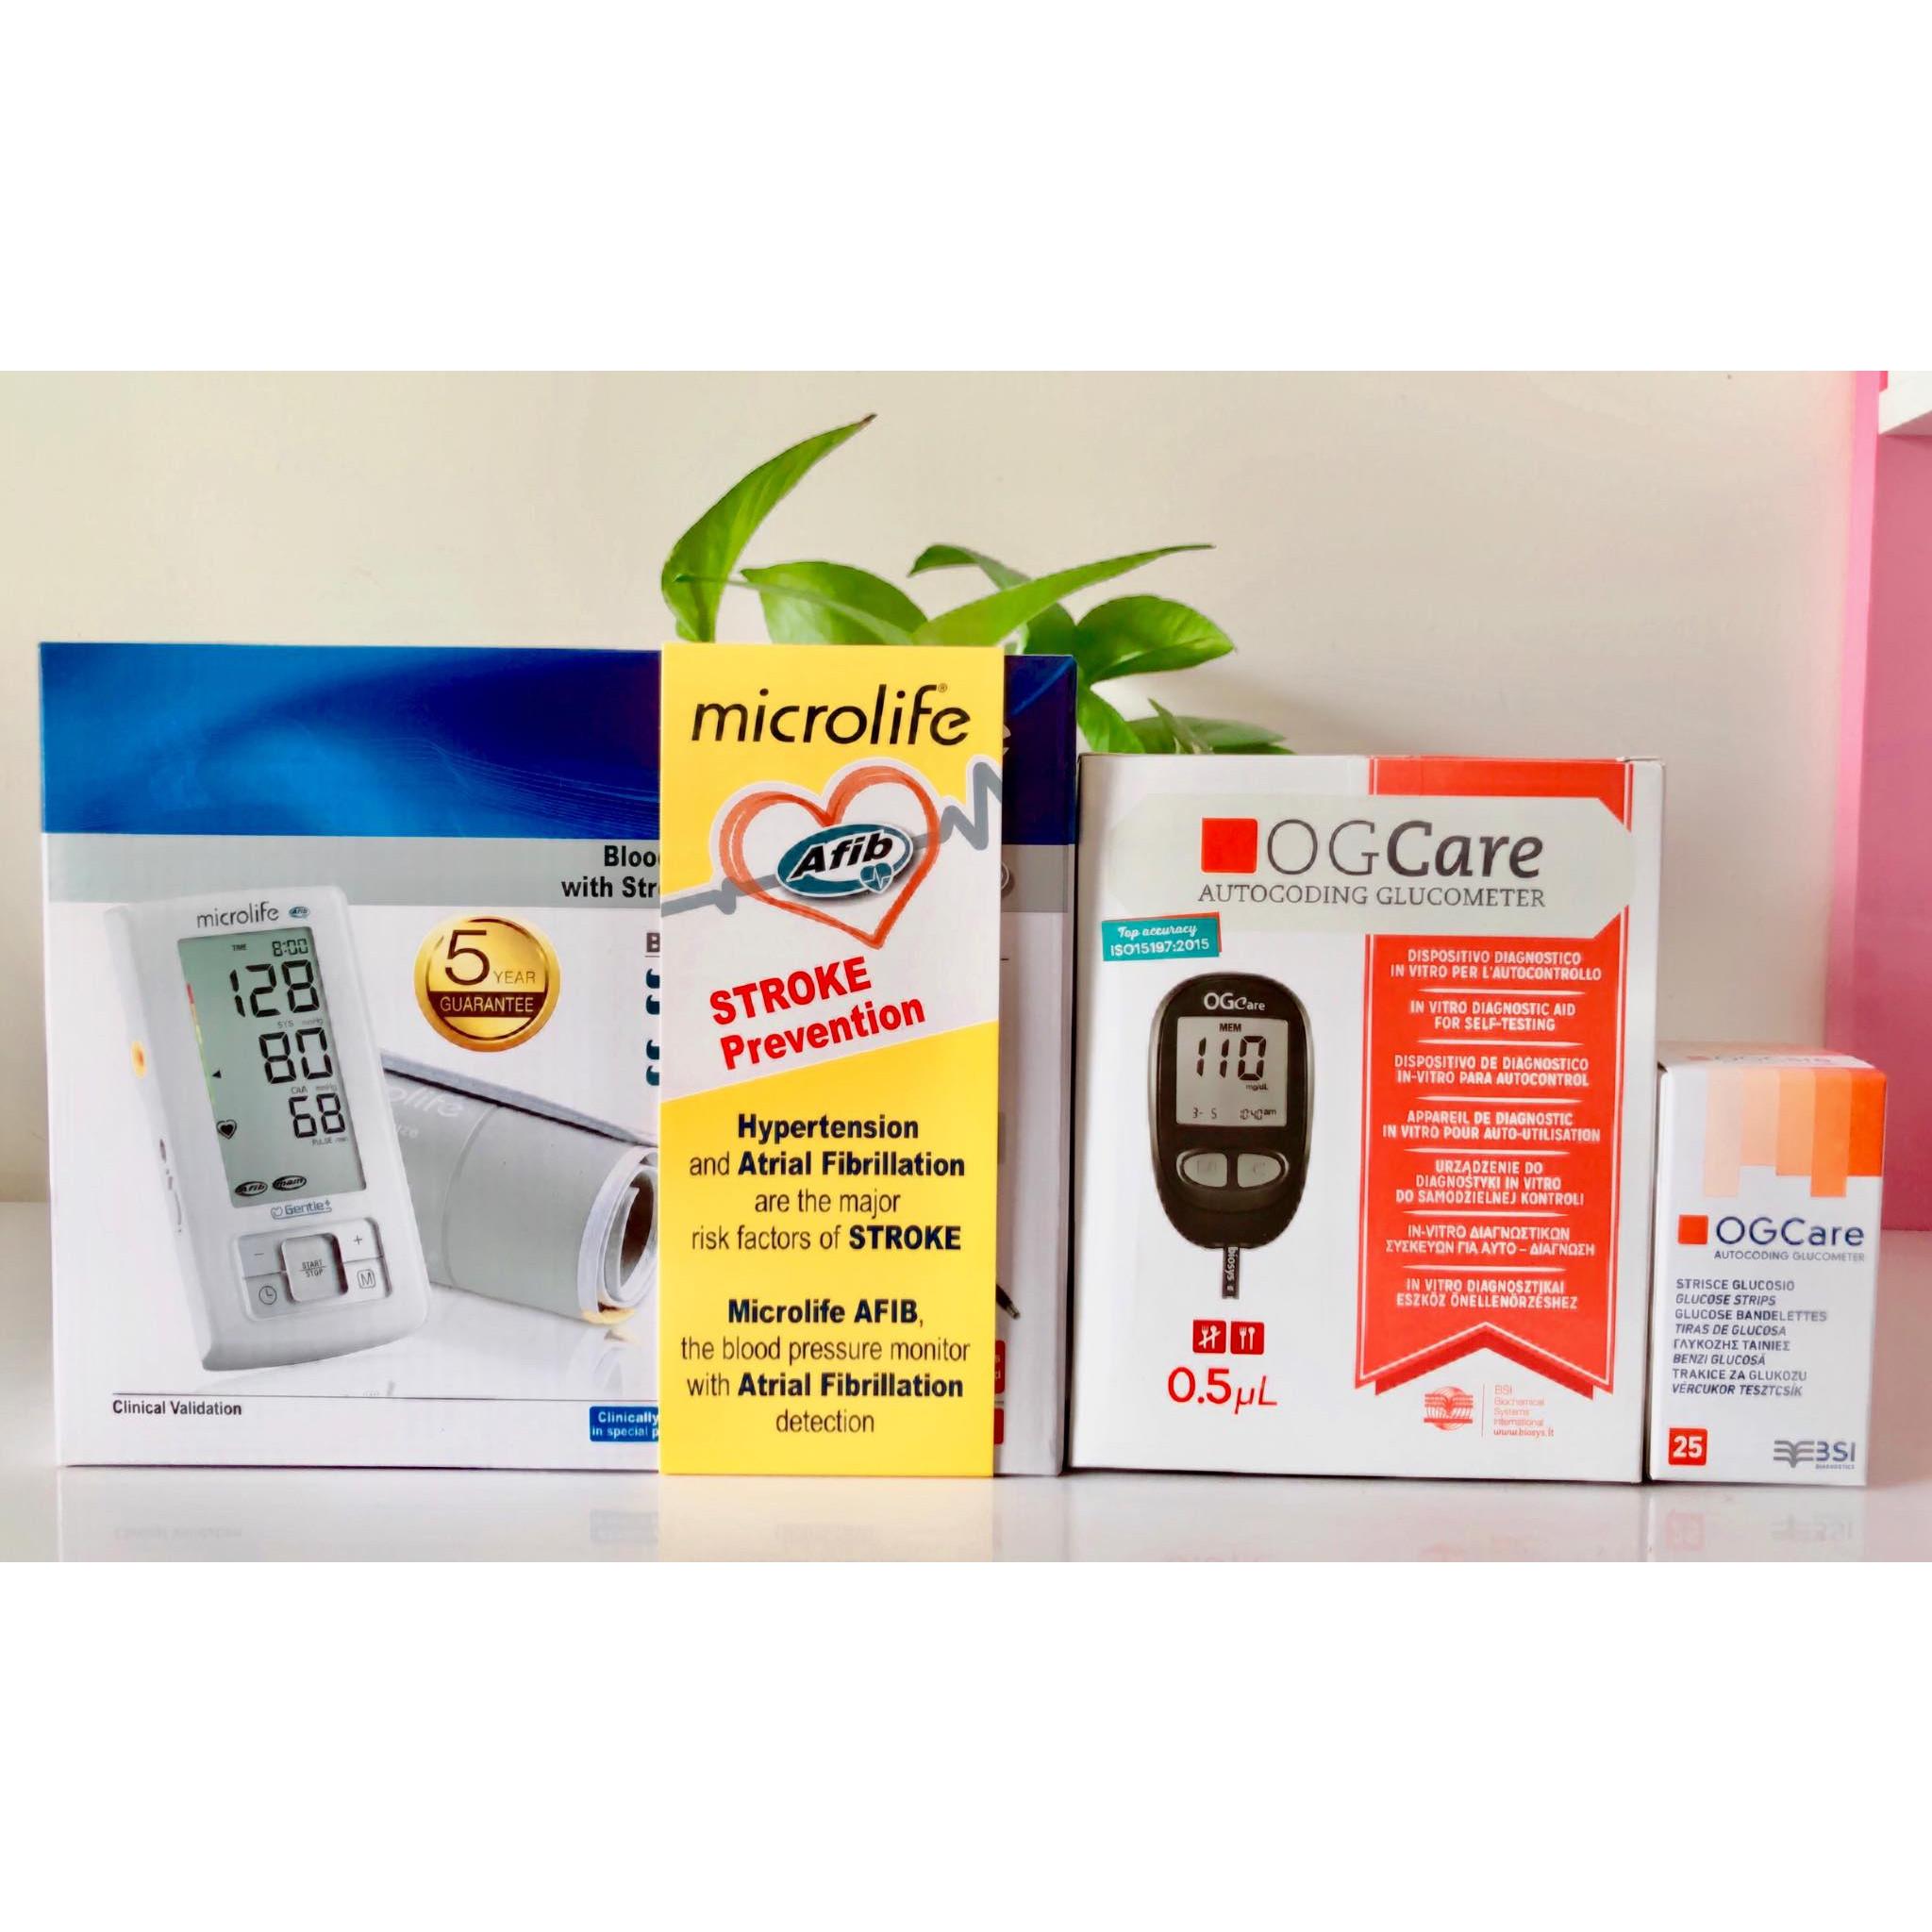 Trọn bộ Máy đo huyết áp cảnh báo đột quỵ A6 BASIC của Microlife tặng máy đo đường huyết OGCARE - 20108564 , 4349649190502 , 62_26669763 , 3100000 , Tron-bo-May-do-huyet-ap-canh-bao-dot-quy-A6-BASIC-cua-Microlife-tang-may-do-duong-huyet-OGCARE-62_26669763 , tiki.vn , Trọn bộ Máy đo huyết áp cảnh báo đột quỵ A6 BASIC của Microlife tặng máy đo đườn